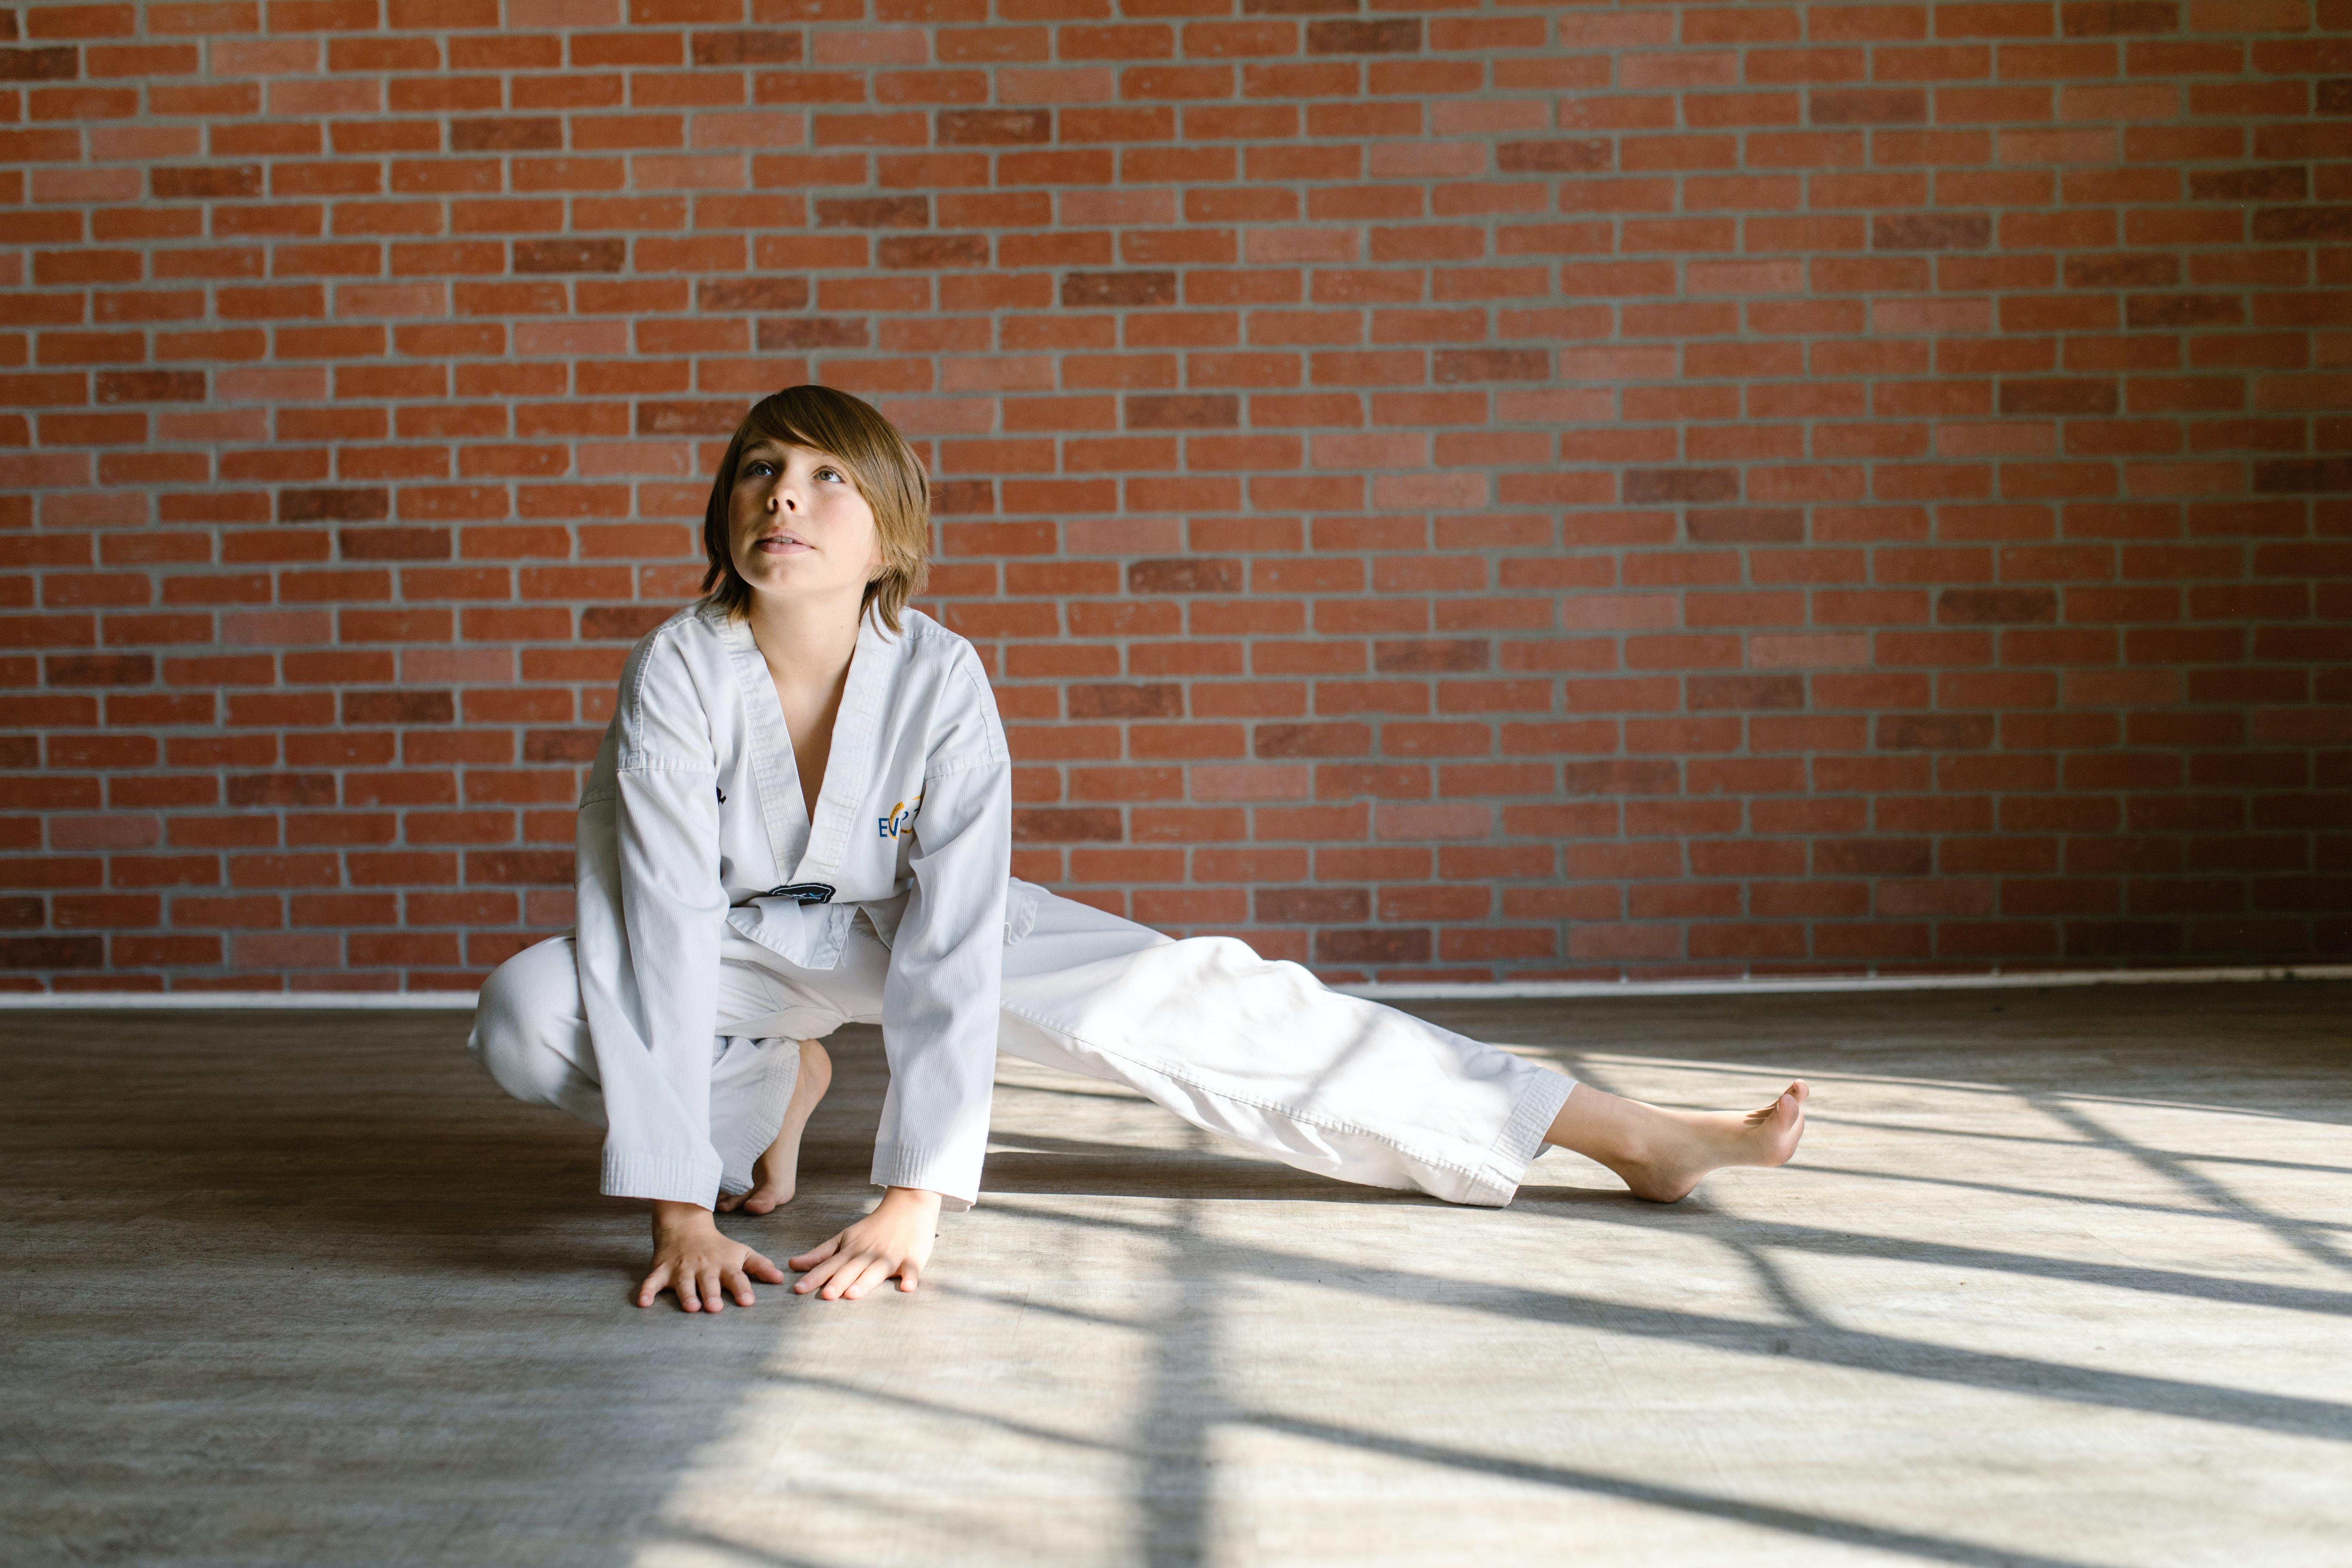 Un enfant pratiquant le judo. | Photo : Pexel